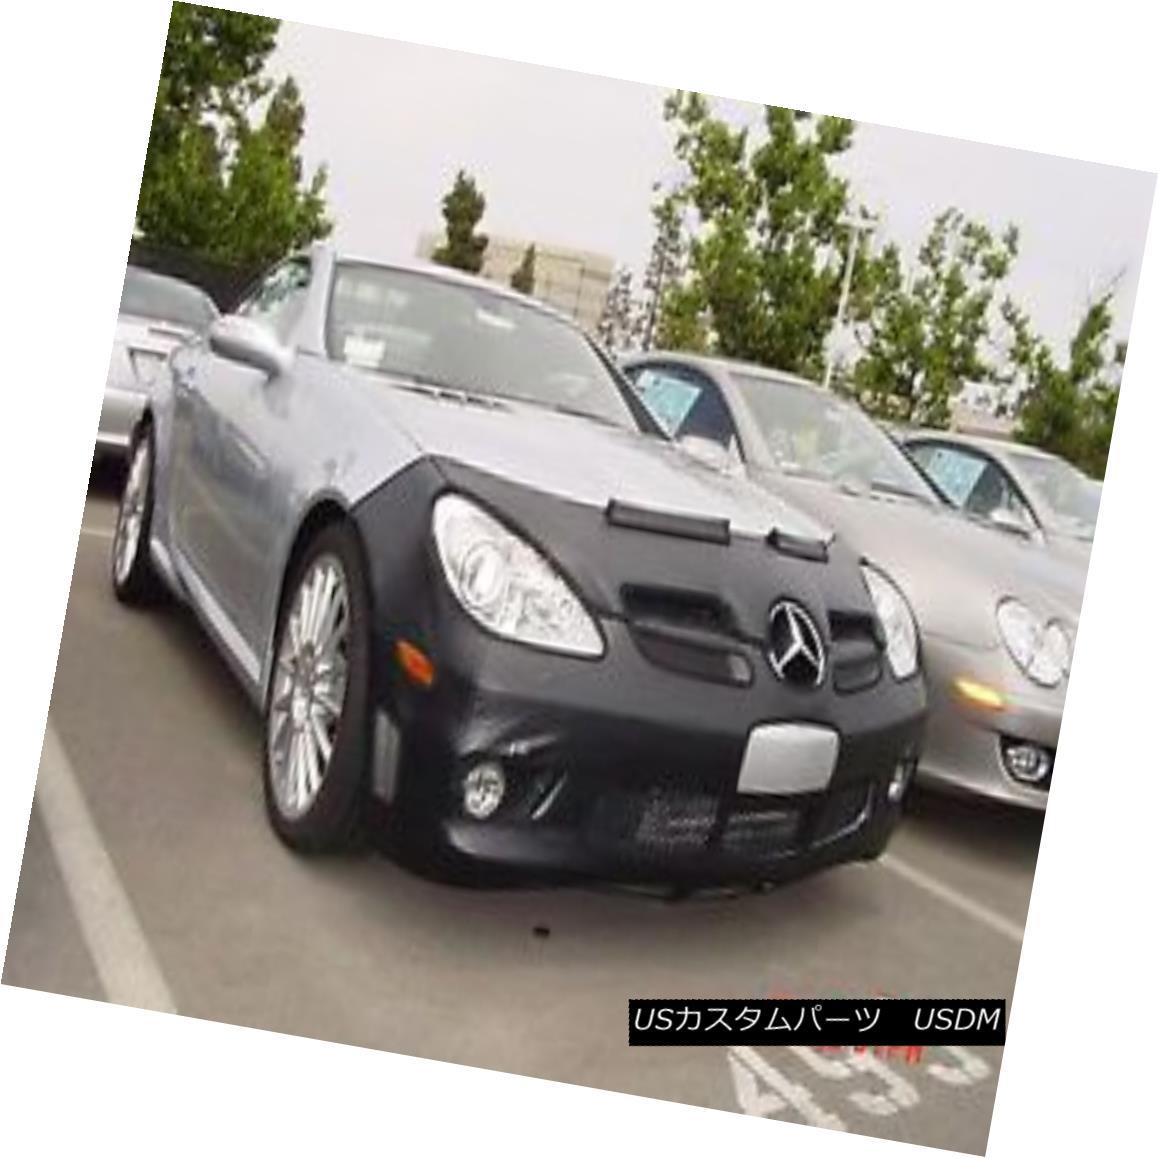 フルブラ ノーズブラ Colgan Front End Mask Bra 2pc. Fits Lexus LX470 2002-2005 W/License Plate コルガンフロントエンドマスクブラ2pc Lexus LX470 2002-2005 W /ライセンスプレートに適合